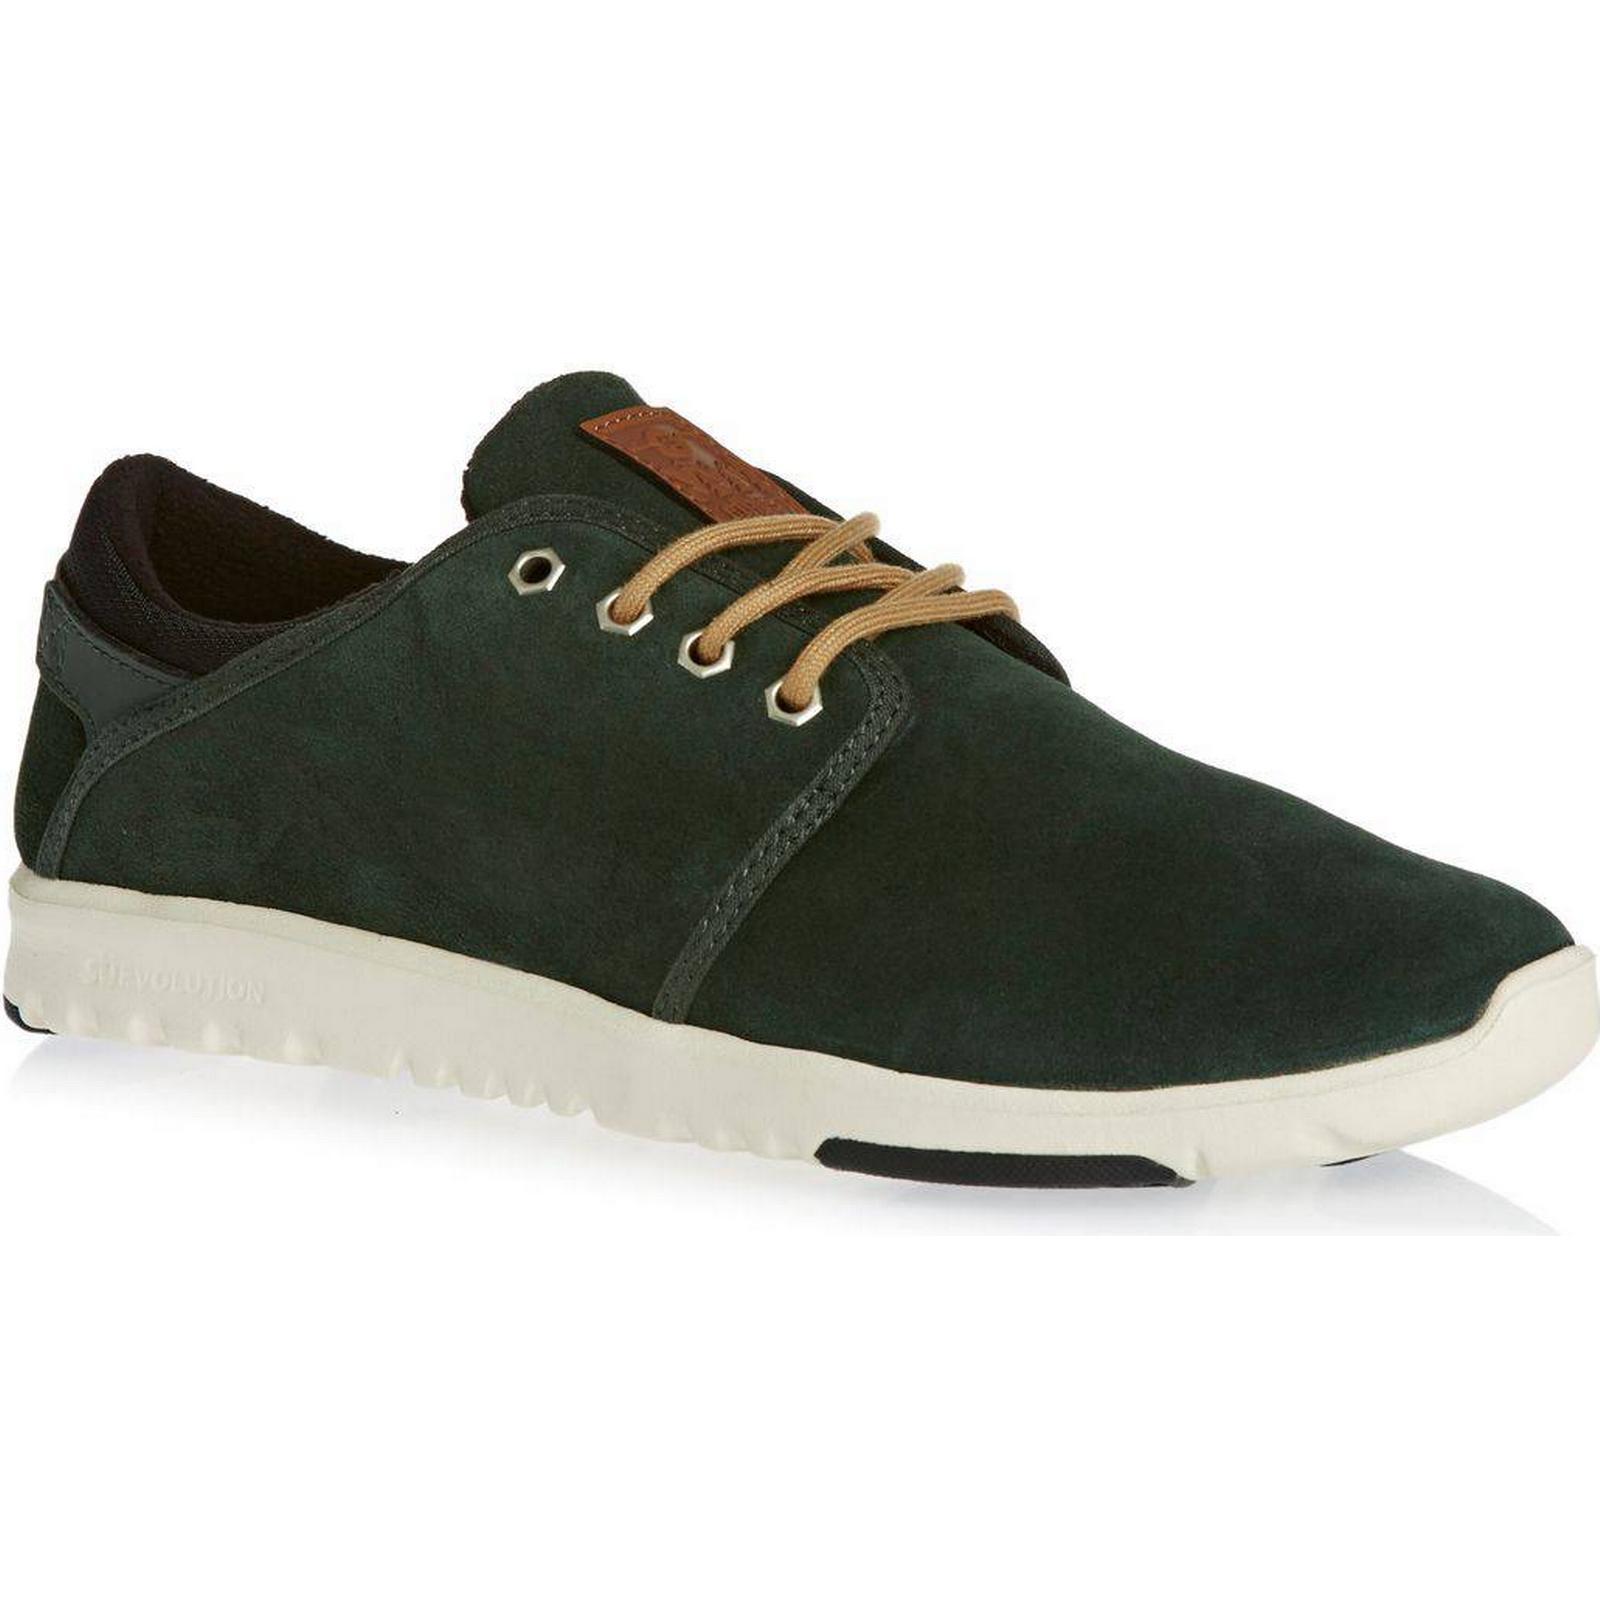 Etnies Men's Etnies Shoes - Forrest Etnies Scout Shoes - Forrest - ff25a6